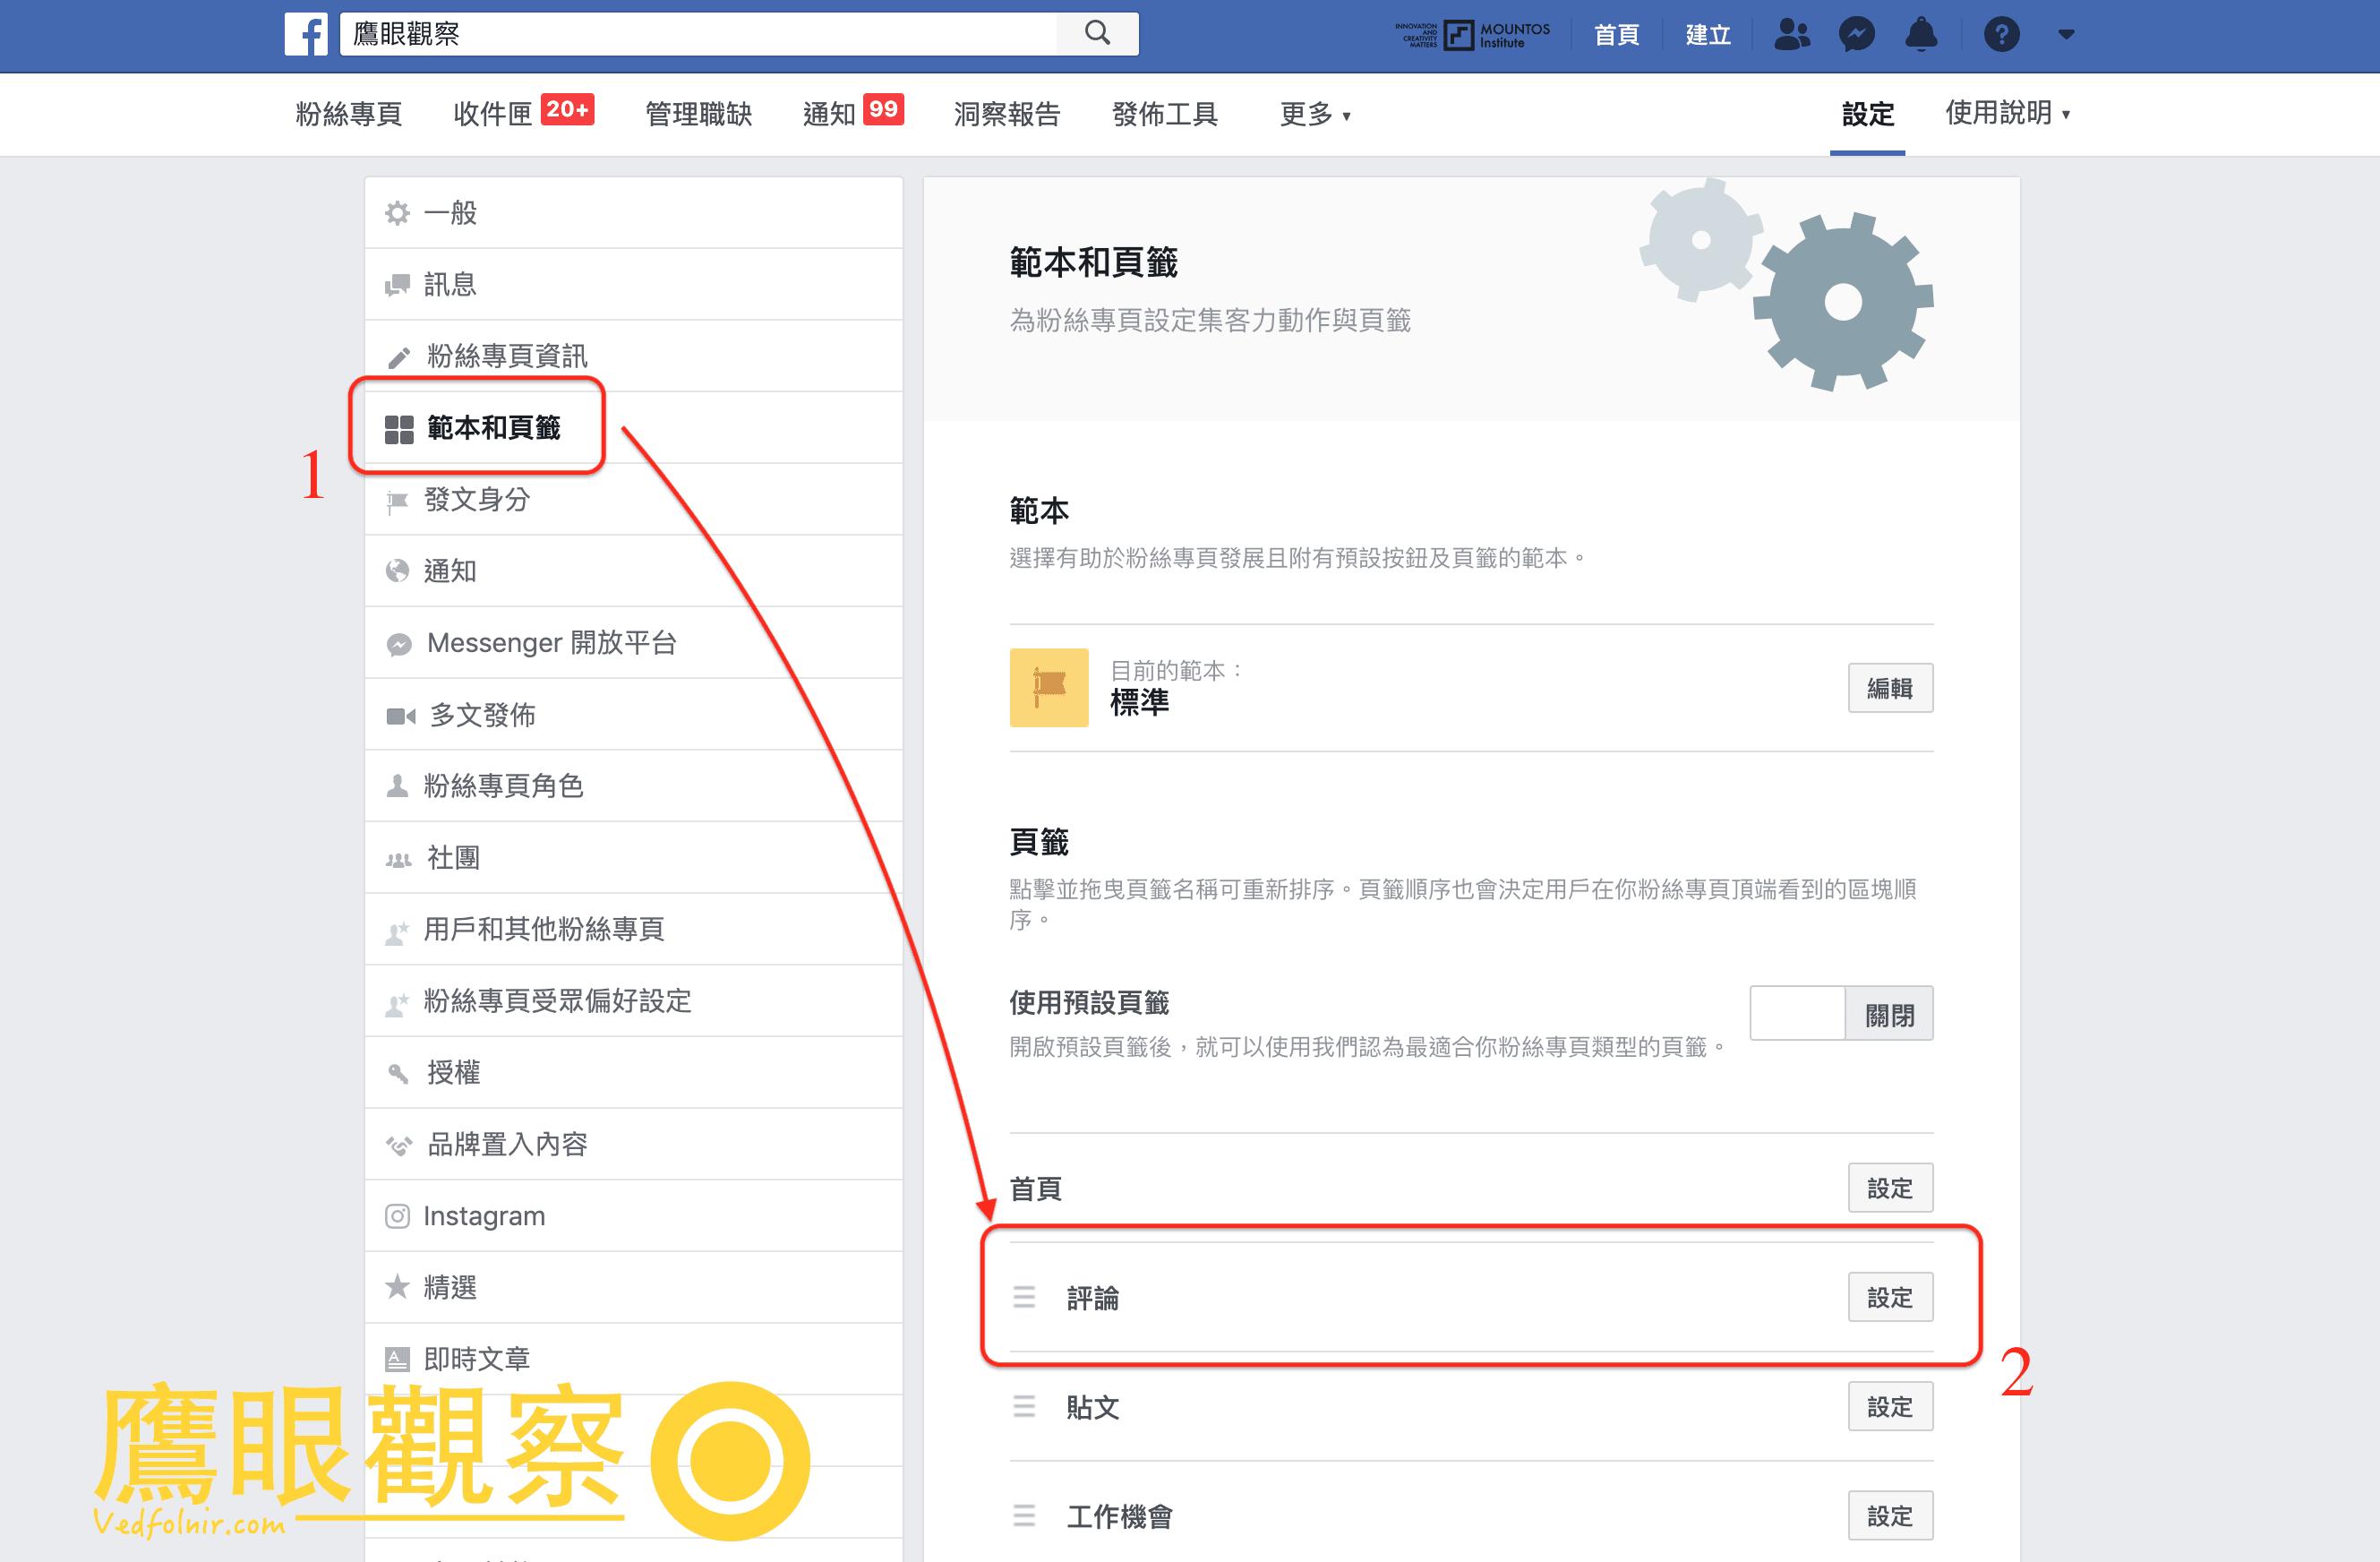 臉書粉絲專頁設定中的範本和頁籤編輯